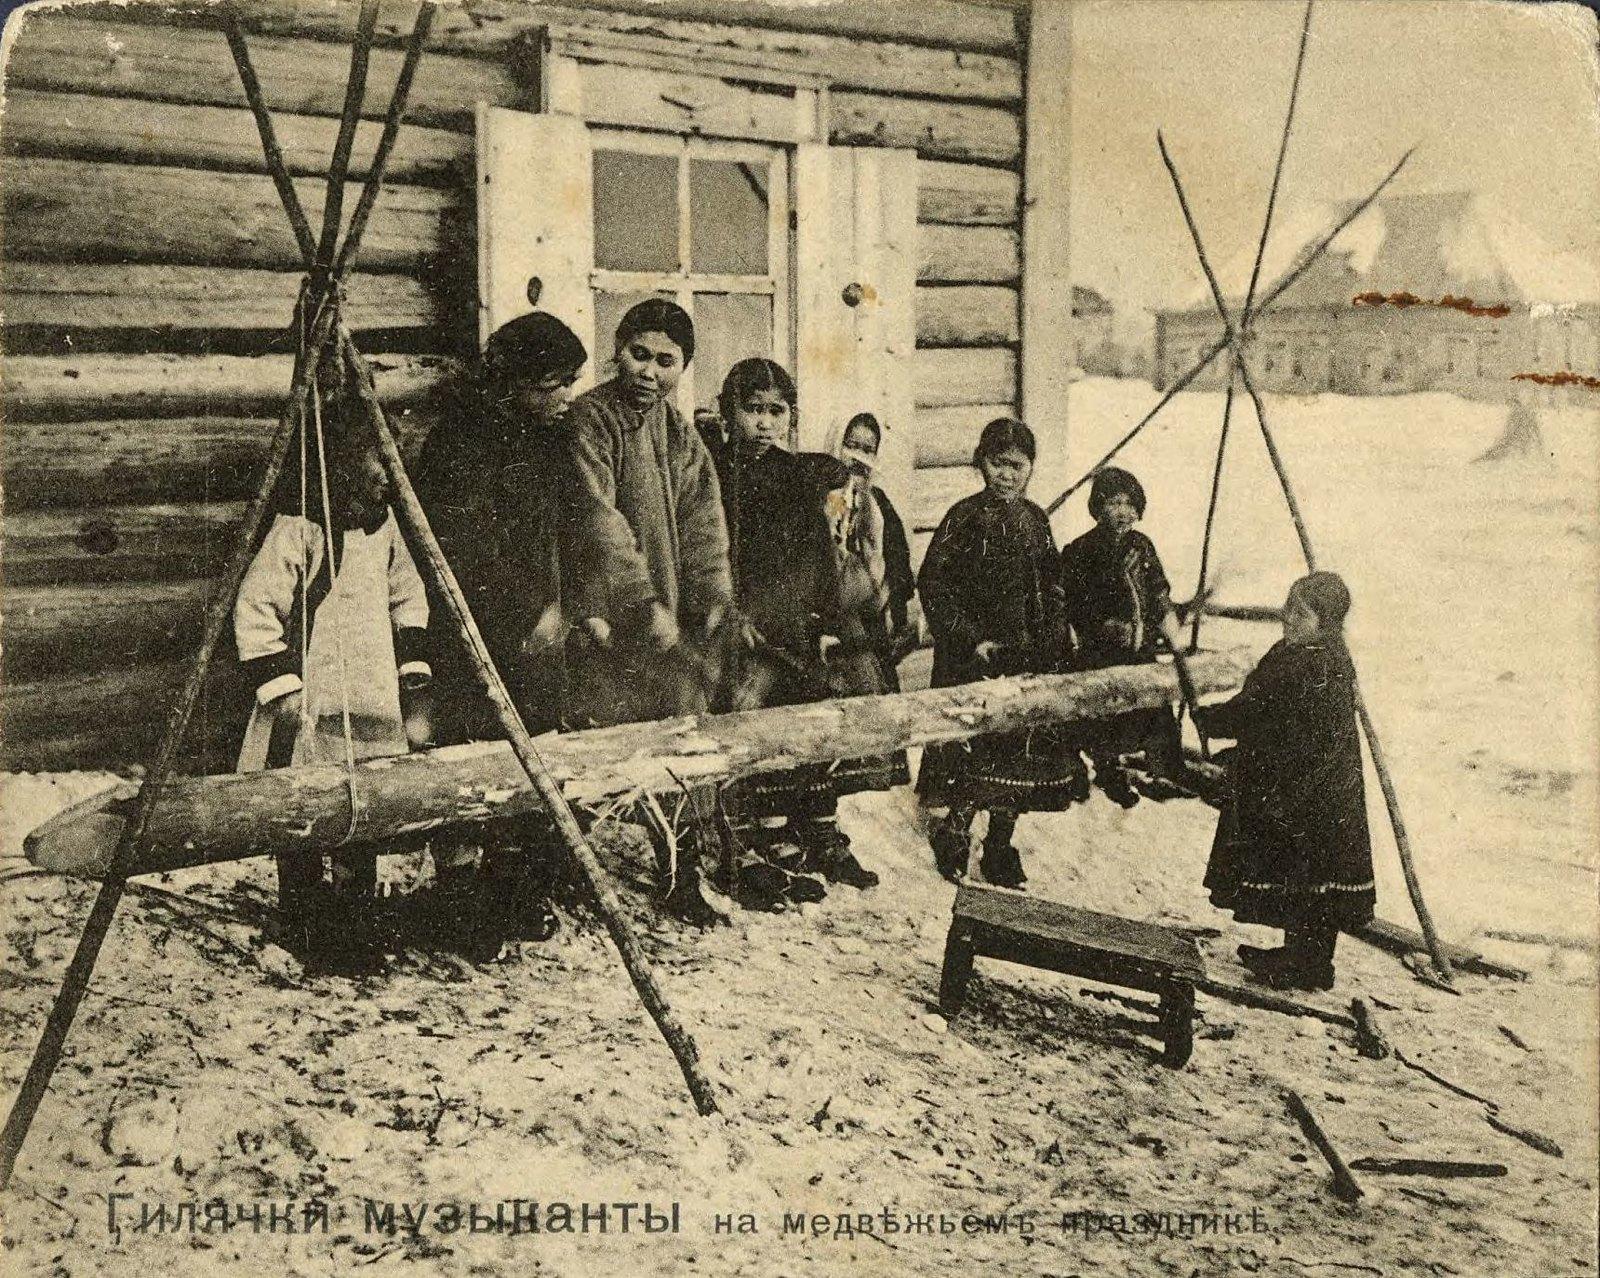 Гилячки музыканты на медвежьем празднике